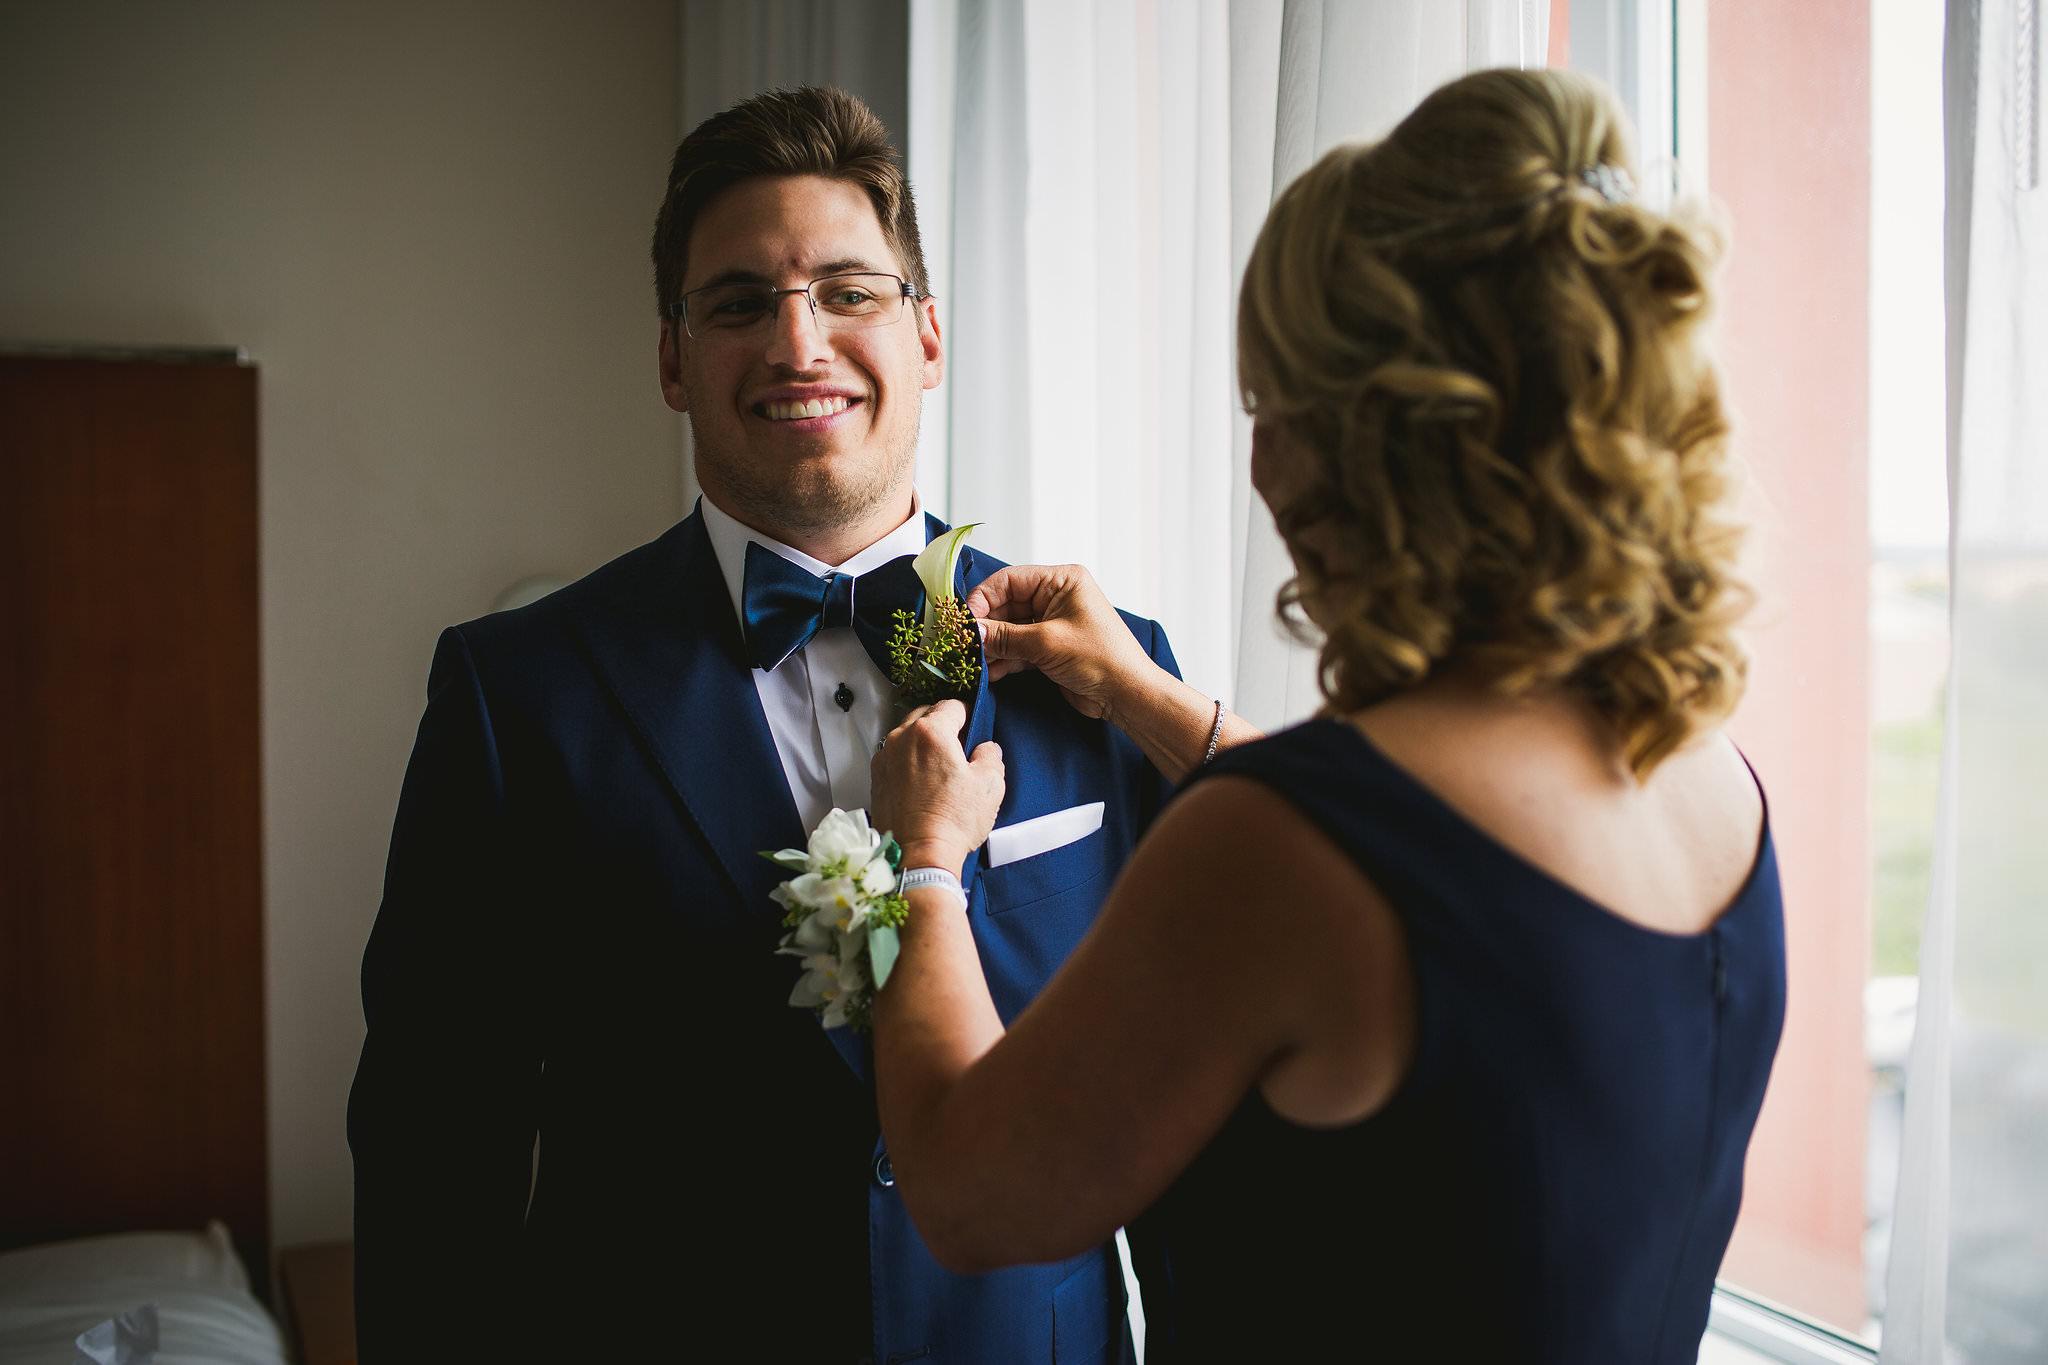 whistlebearweddingphotos 170 - Whistle Bear Wedding Photos